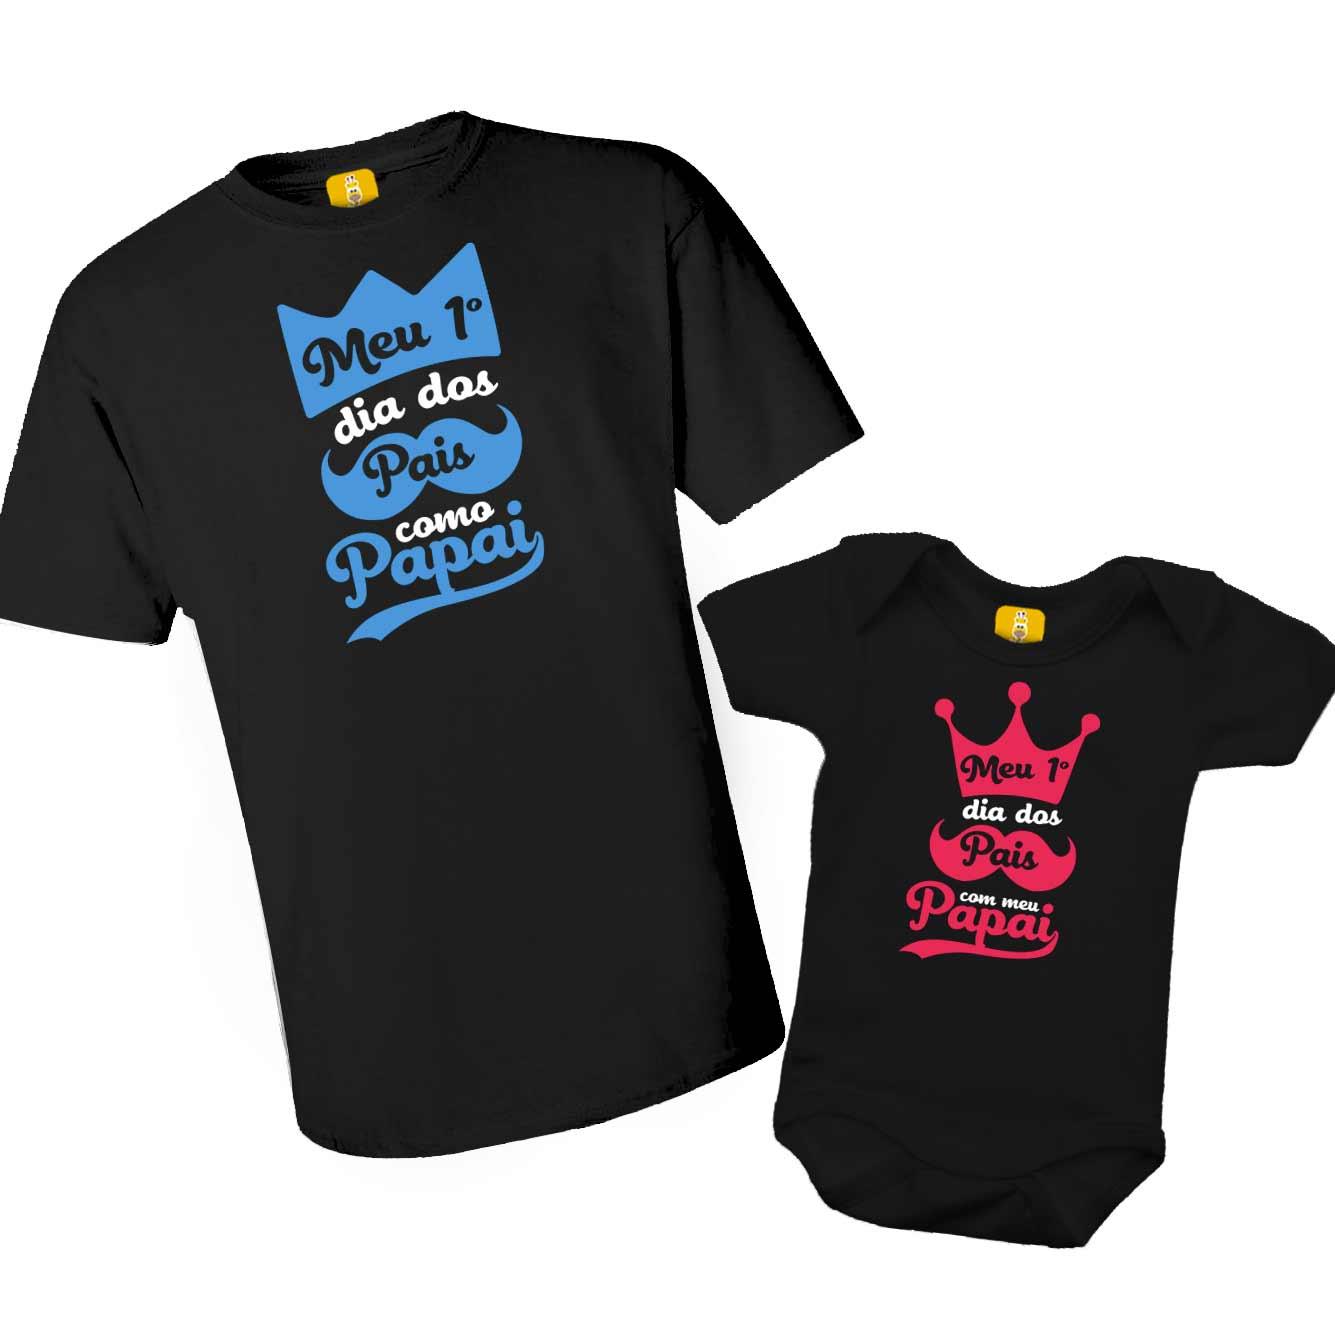 Kit Camiseta e Body - Meu primeiro dia dos Pais como Papai - Realeza 2 Peças